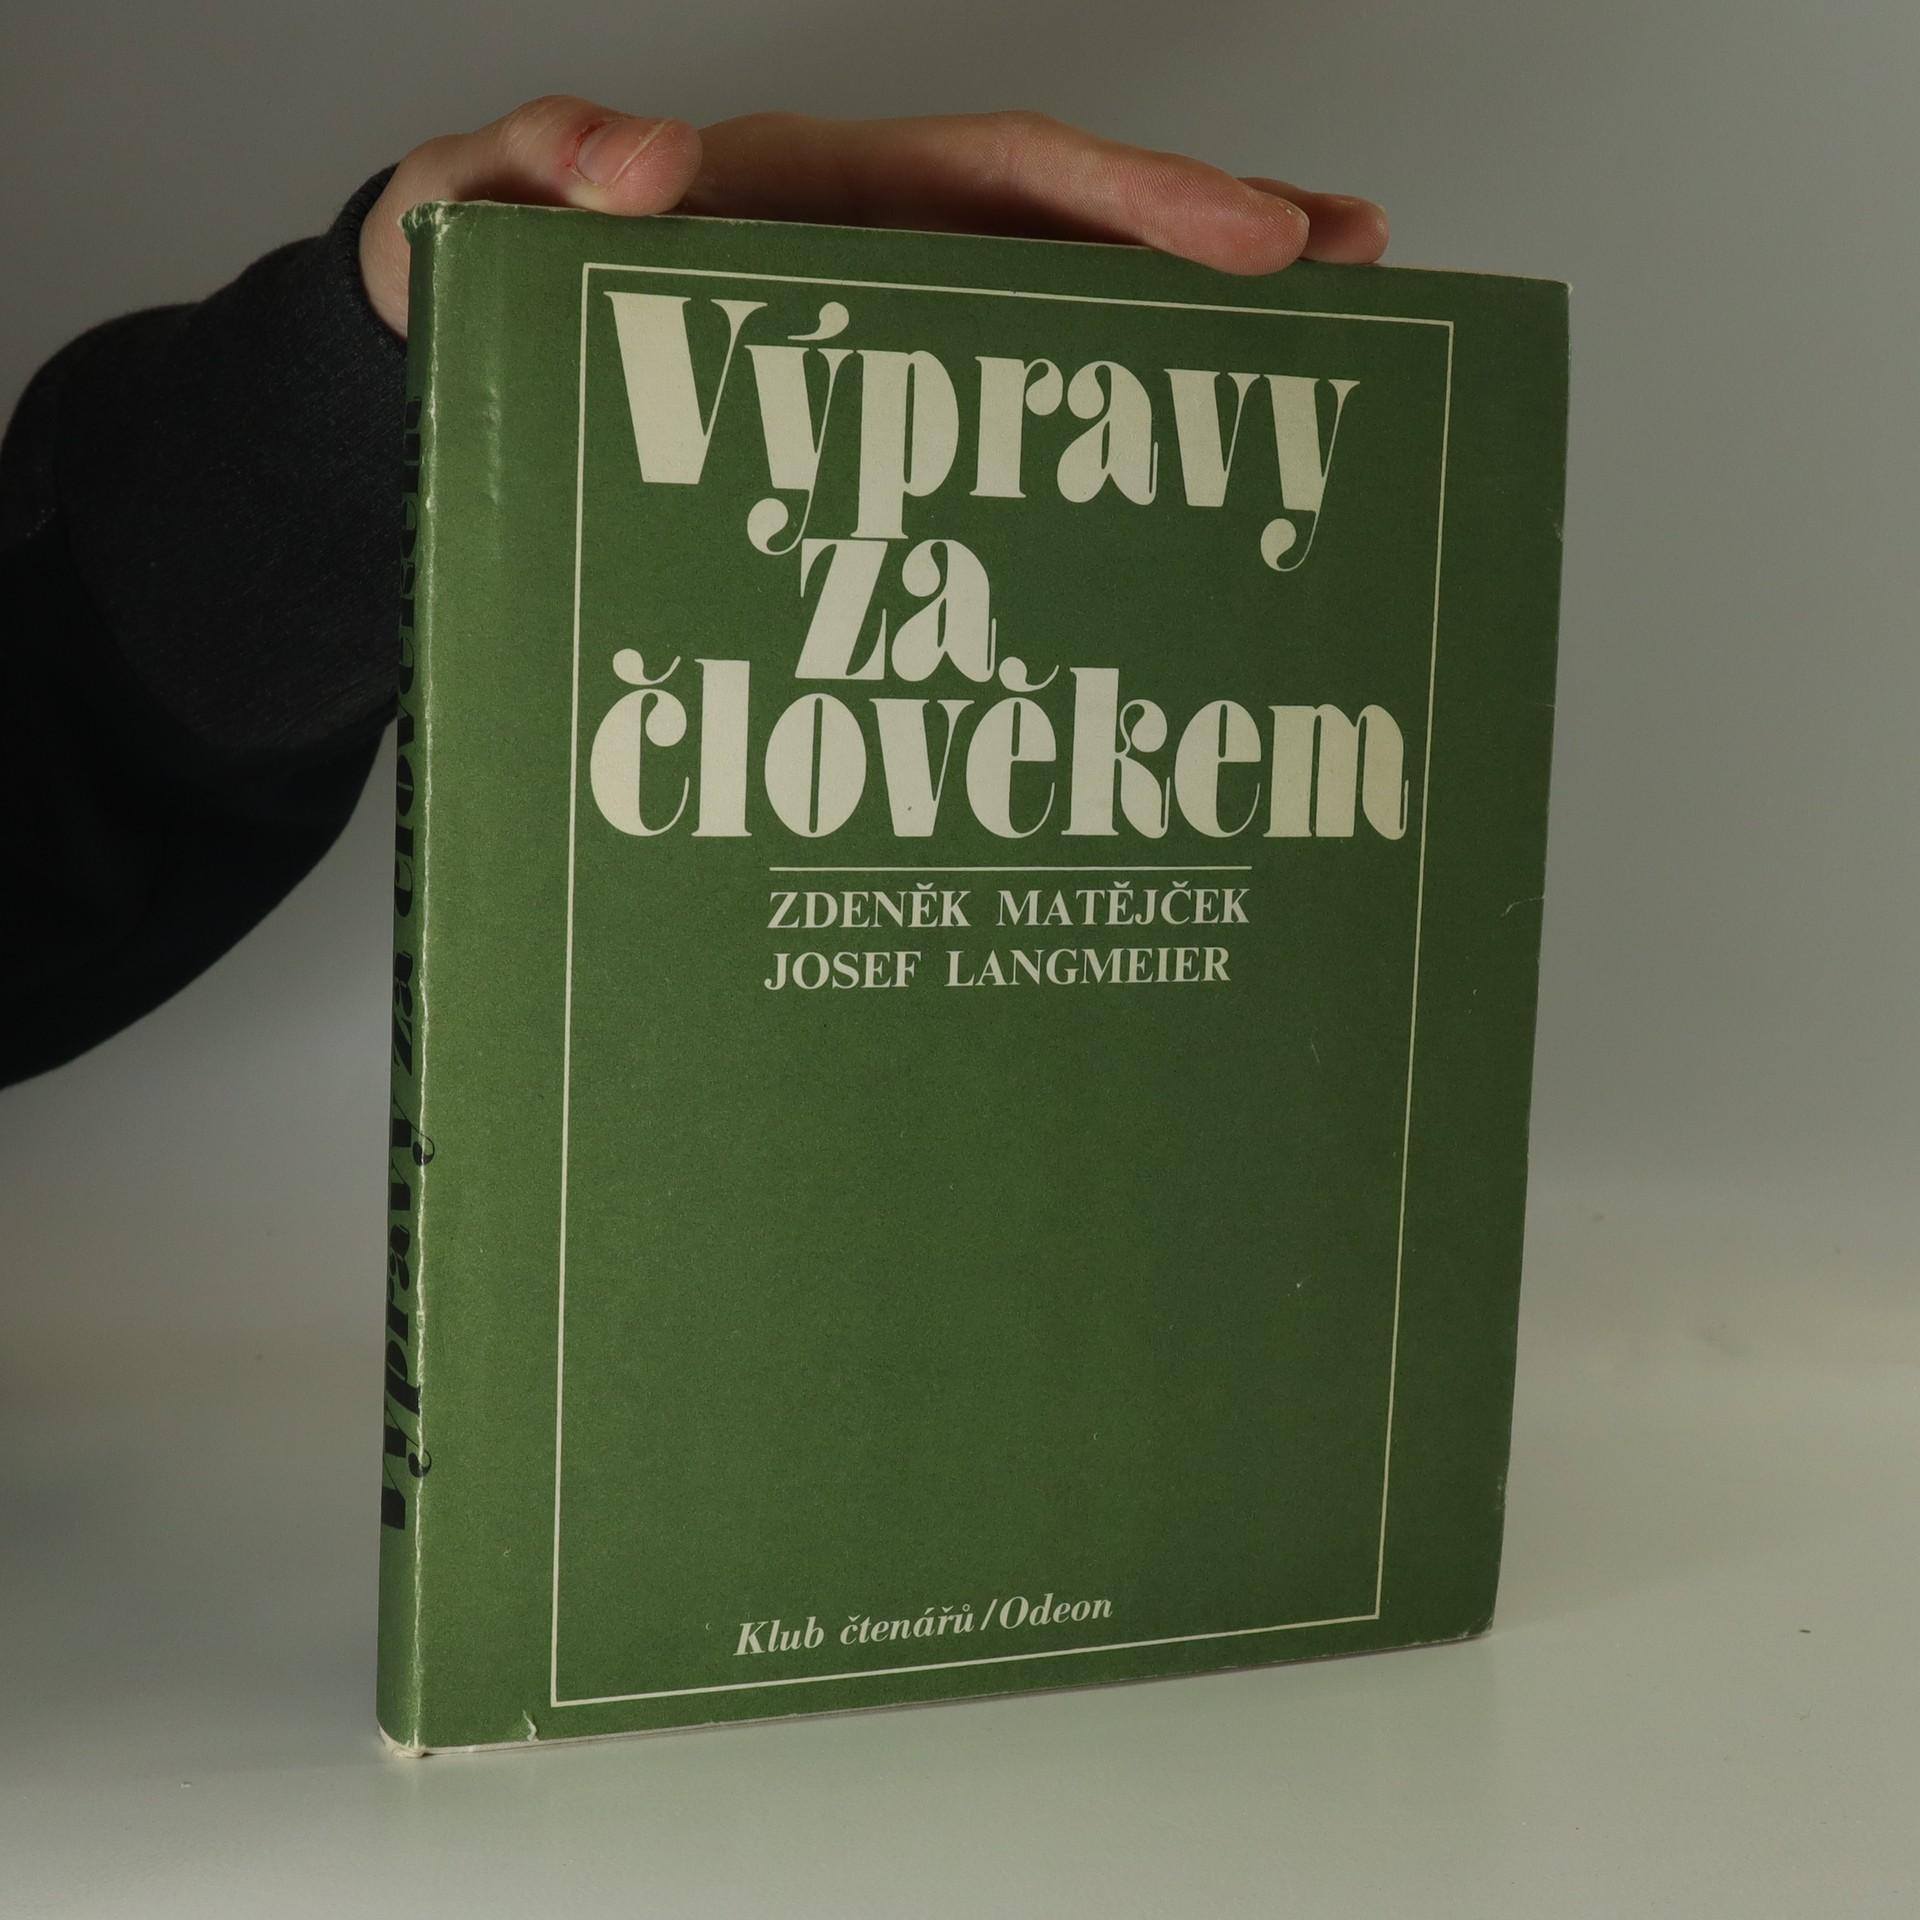 antikvární kniha Výpravy za člověkem, 1981